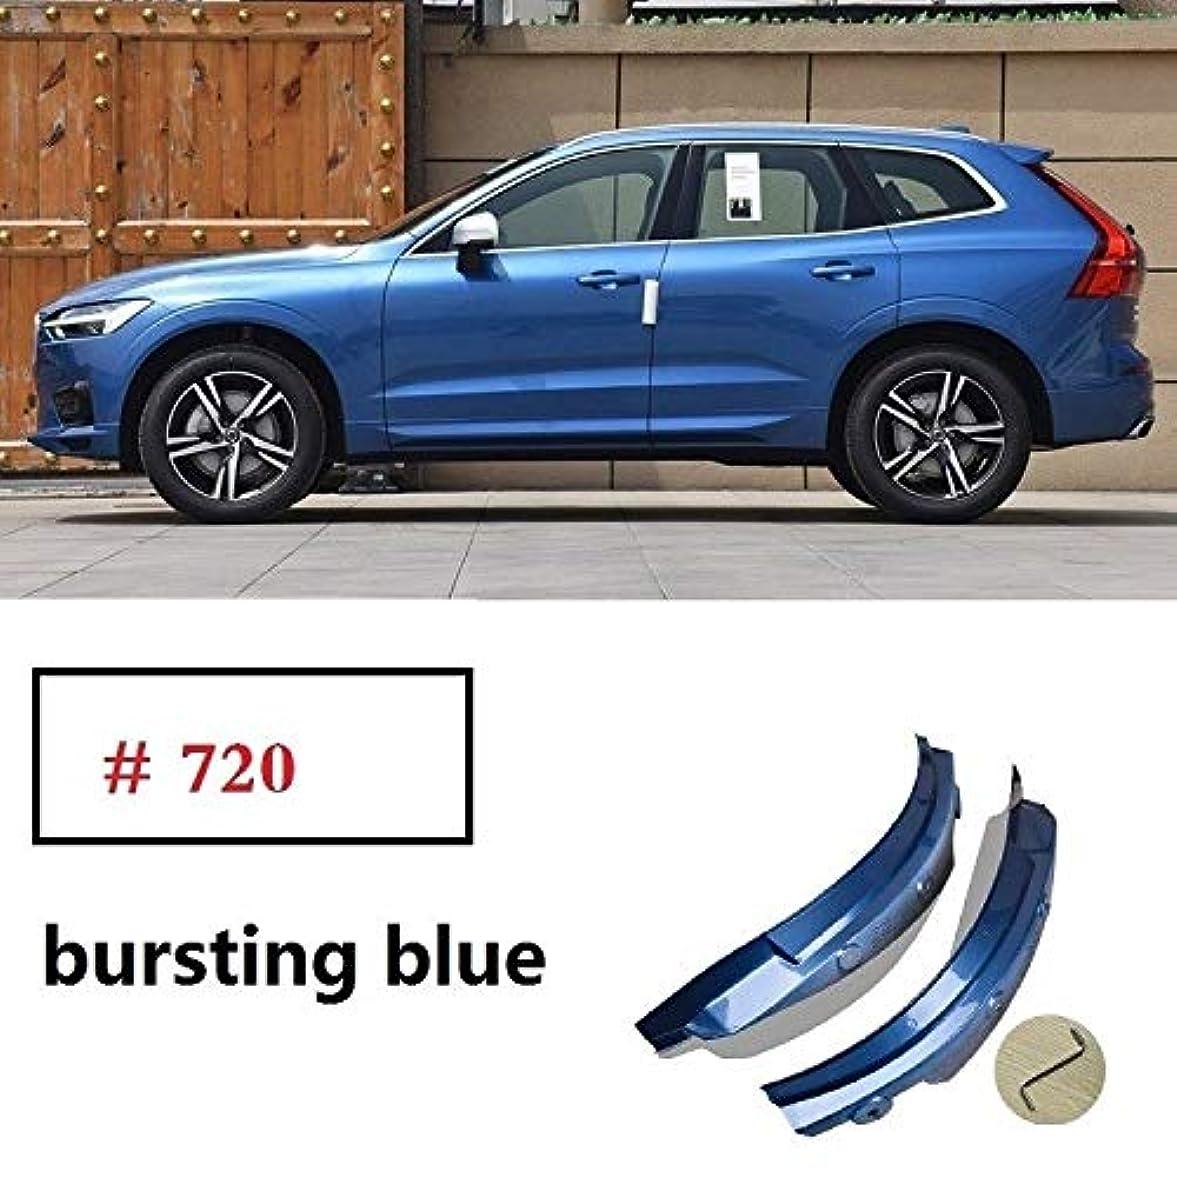 貼り直す不快記者HTTDNB XC60リアホイールフェンダー2018年から2019年XC60特別リアドアリアホイールフェンダー修正カーアクセサリーフェンダー2020の場合 8DN8B8 (色 : Bursting blue)